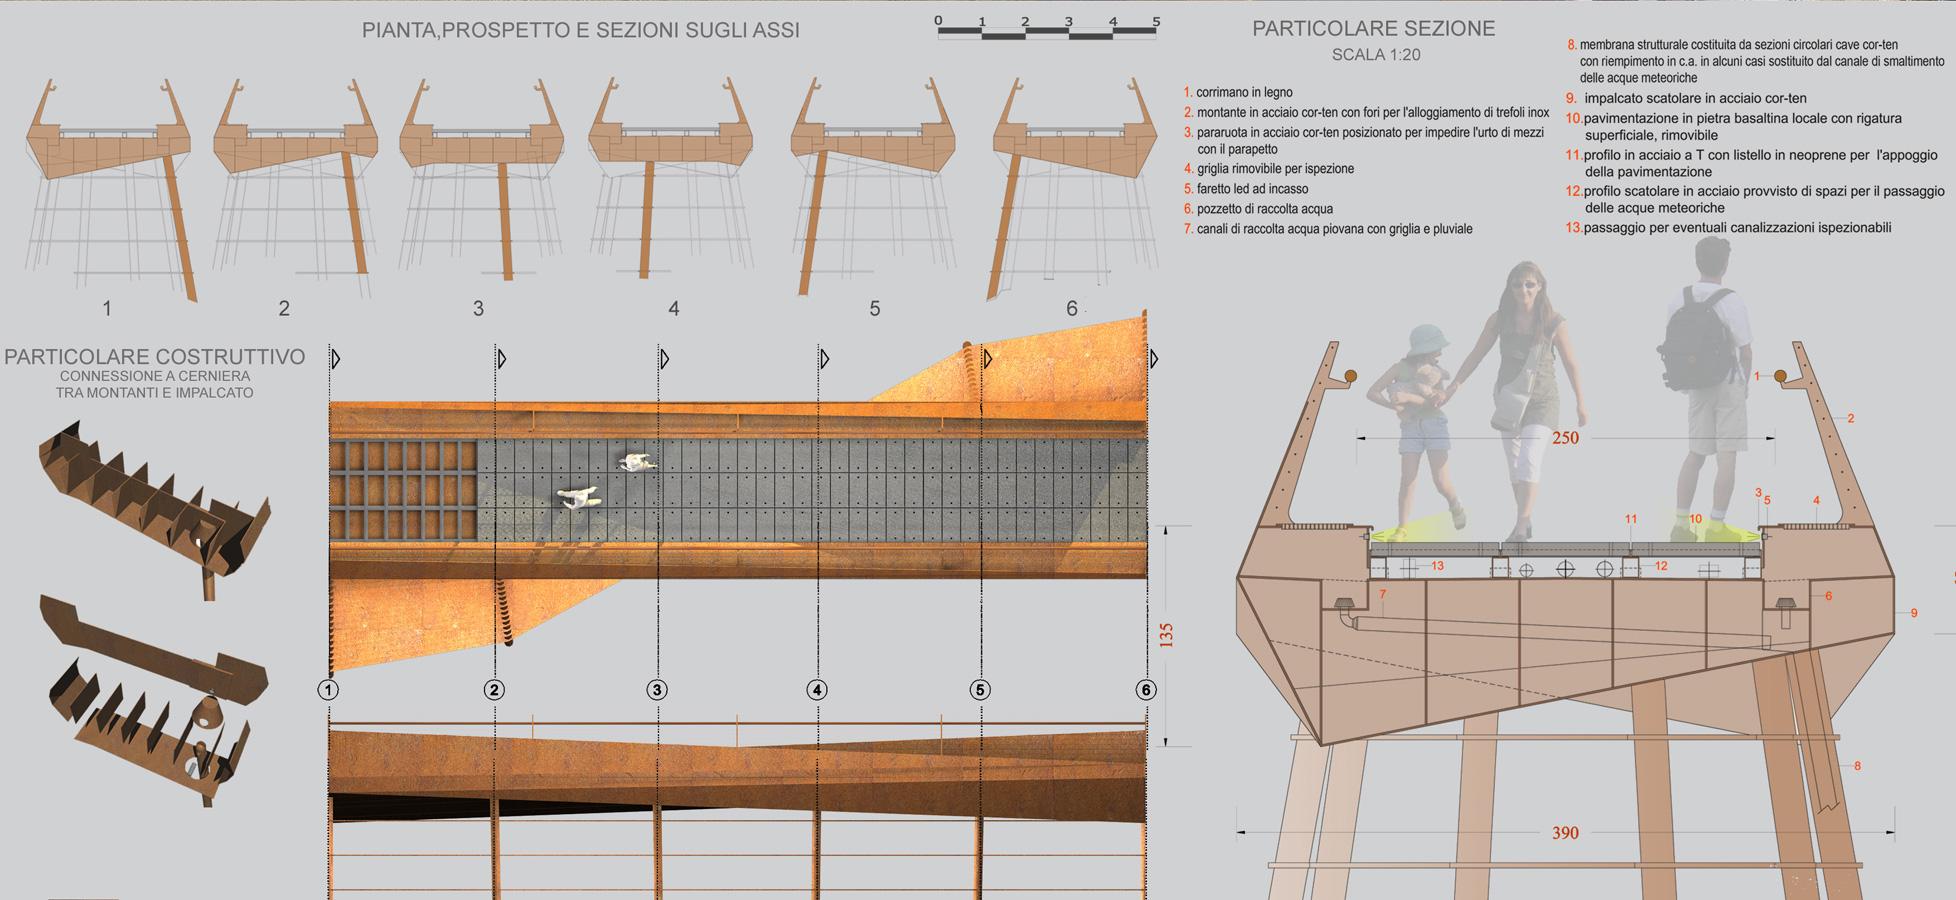 Civita – Particolari strutturali ed esecutivi - Tommaso Vecci